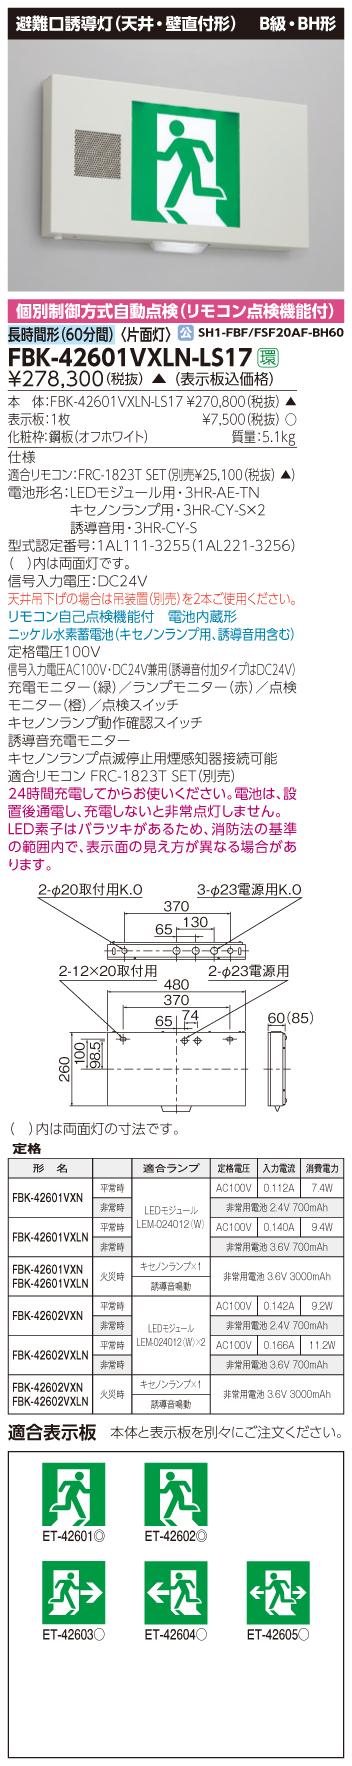 【法人様限定】東芝 FBK-42601VXLN-LS17 LED誘導灯 天井・壁直付形 天井吊下形 誘導音付加点滅形 電池内蔵 片面 B級BH形 長時間 【表示板別売】